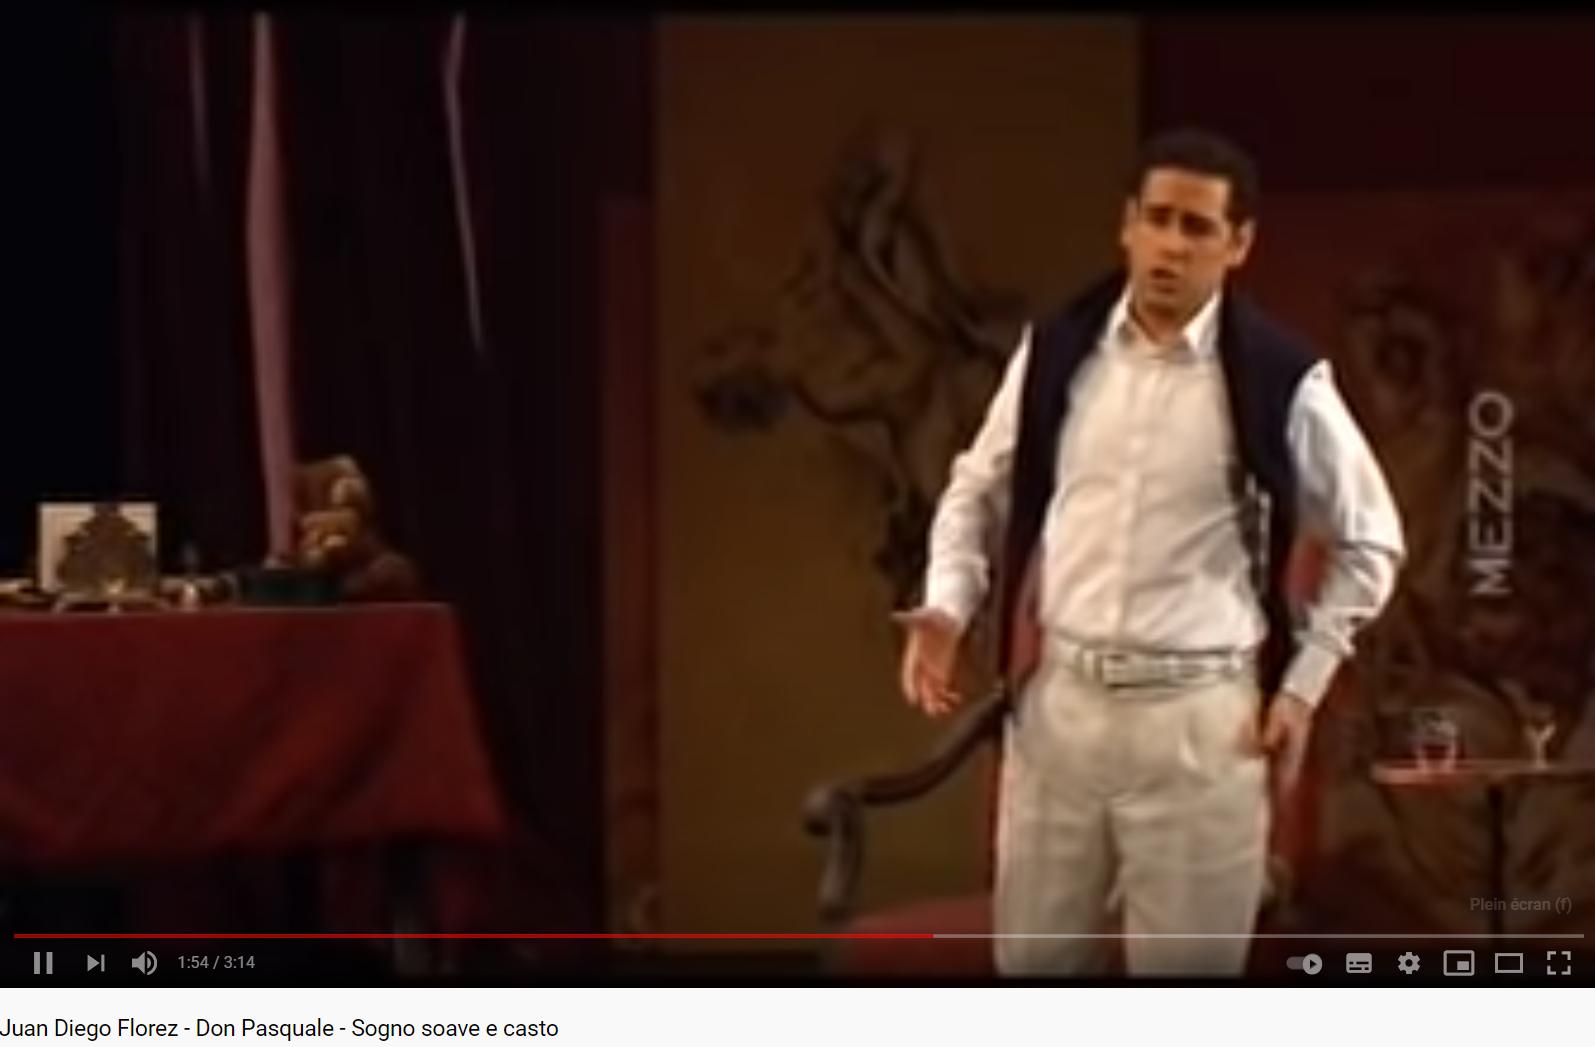 Donizetti Don Pasquale Sogno soave e casto